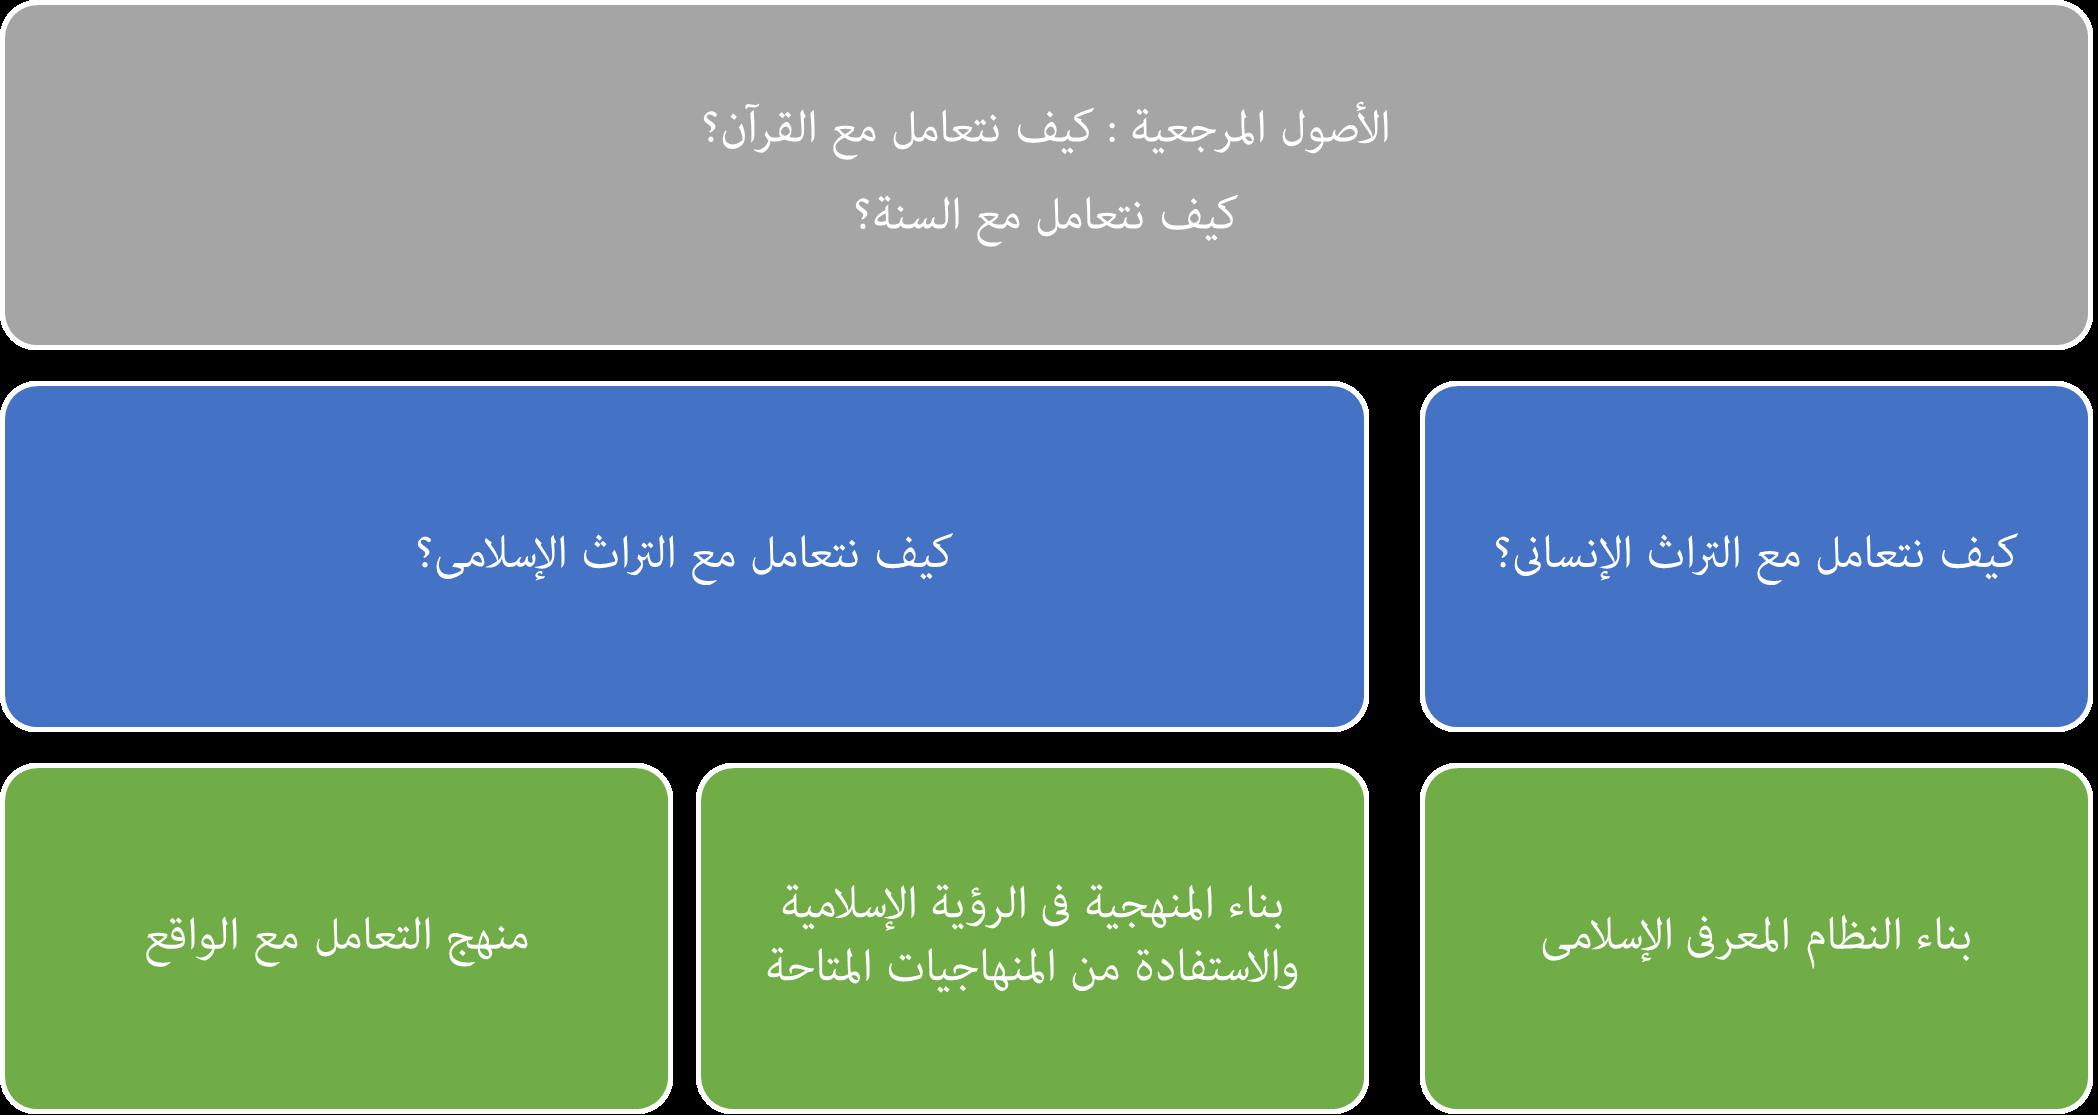 الاصول المرجعية